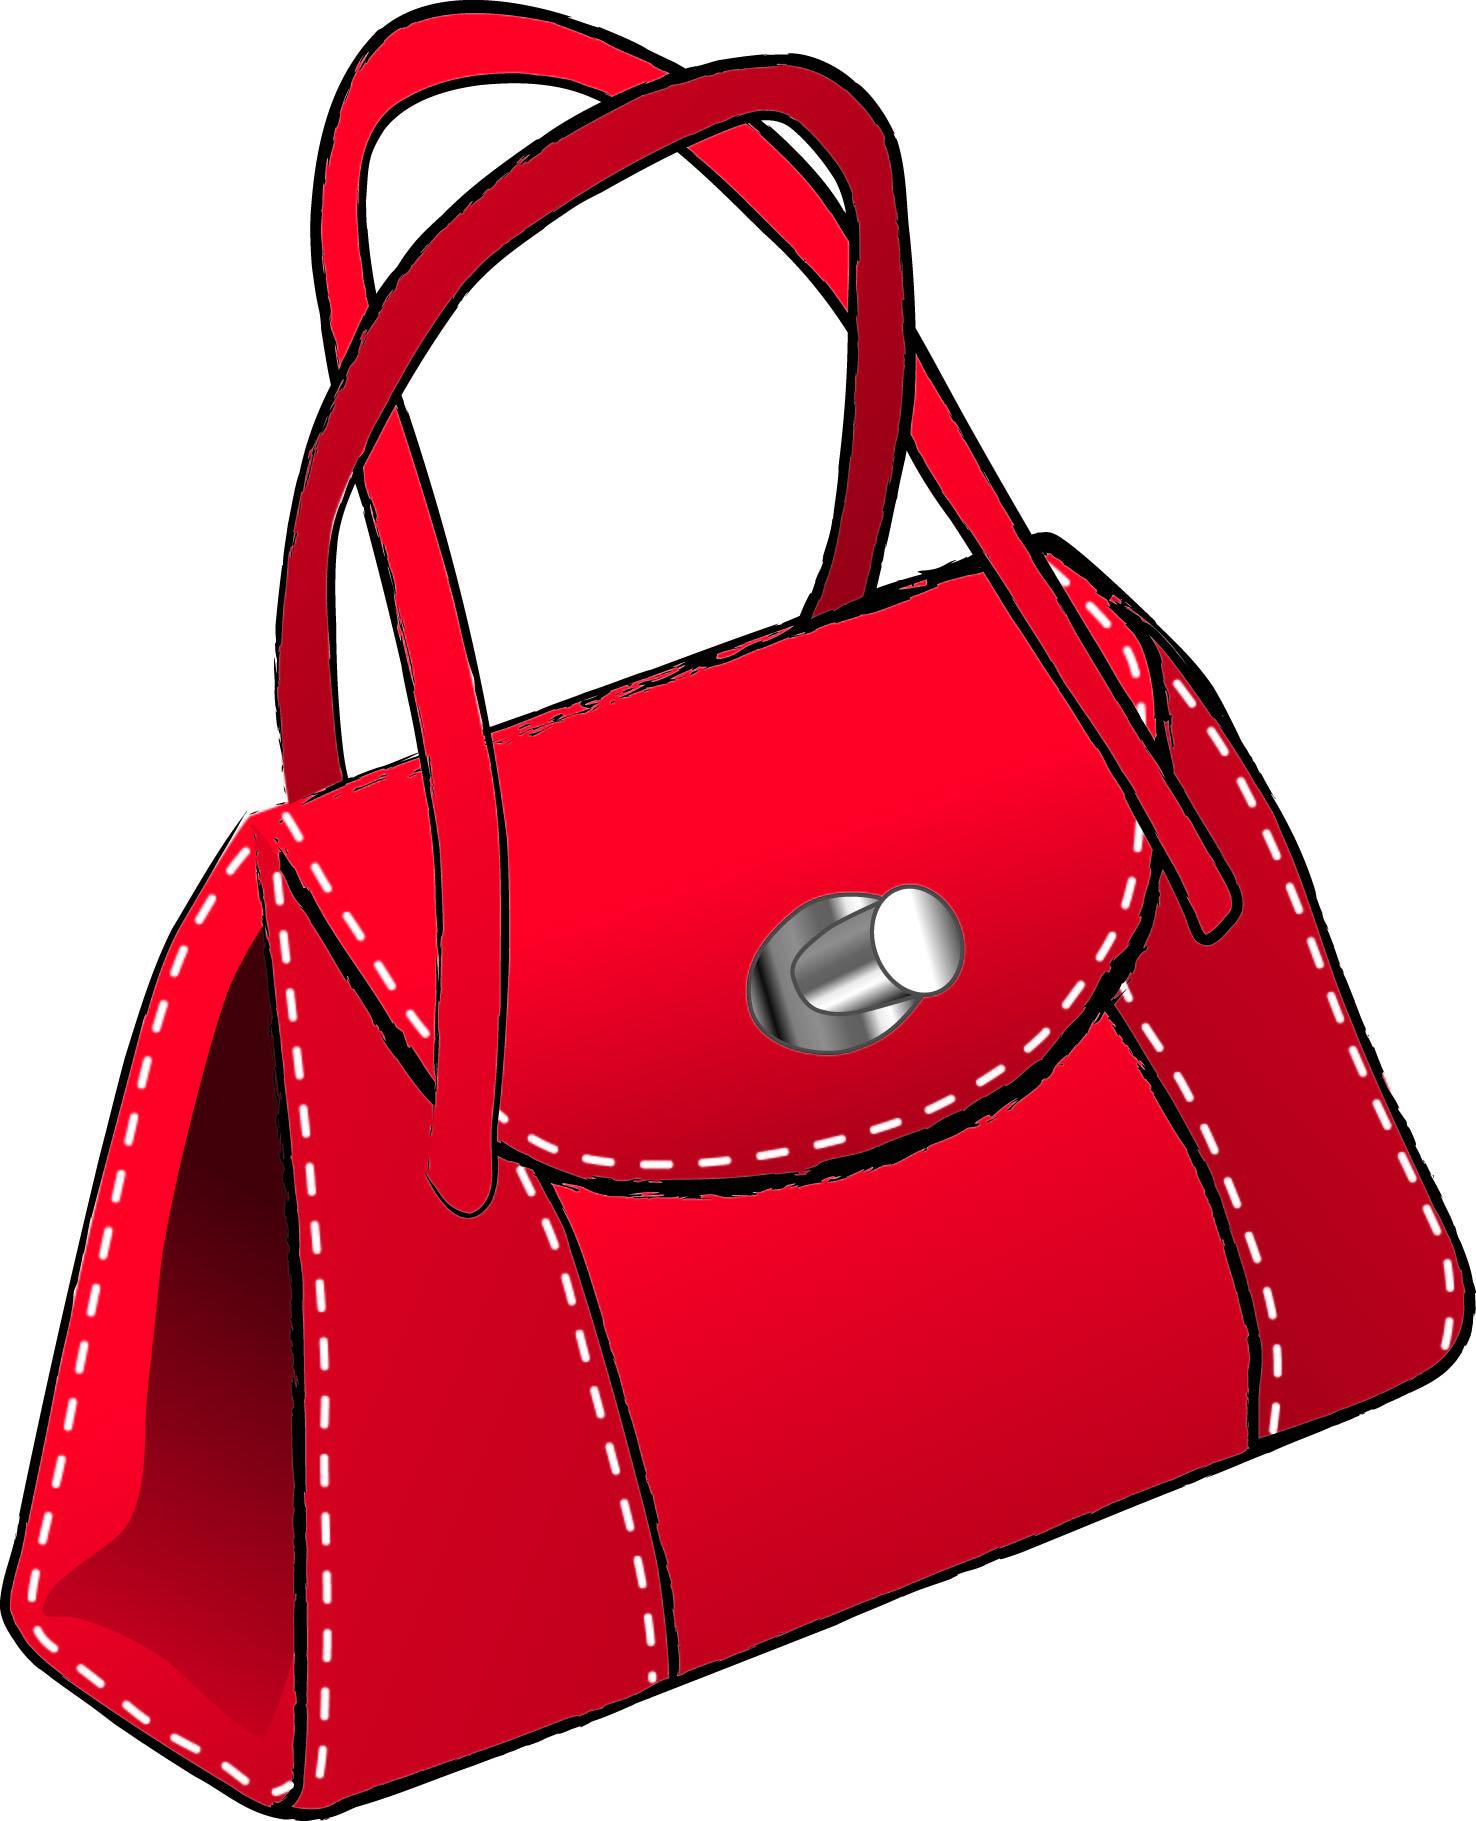 Bag clipart shoulder bag. Handbag cliparts free download